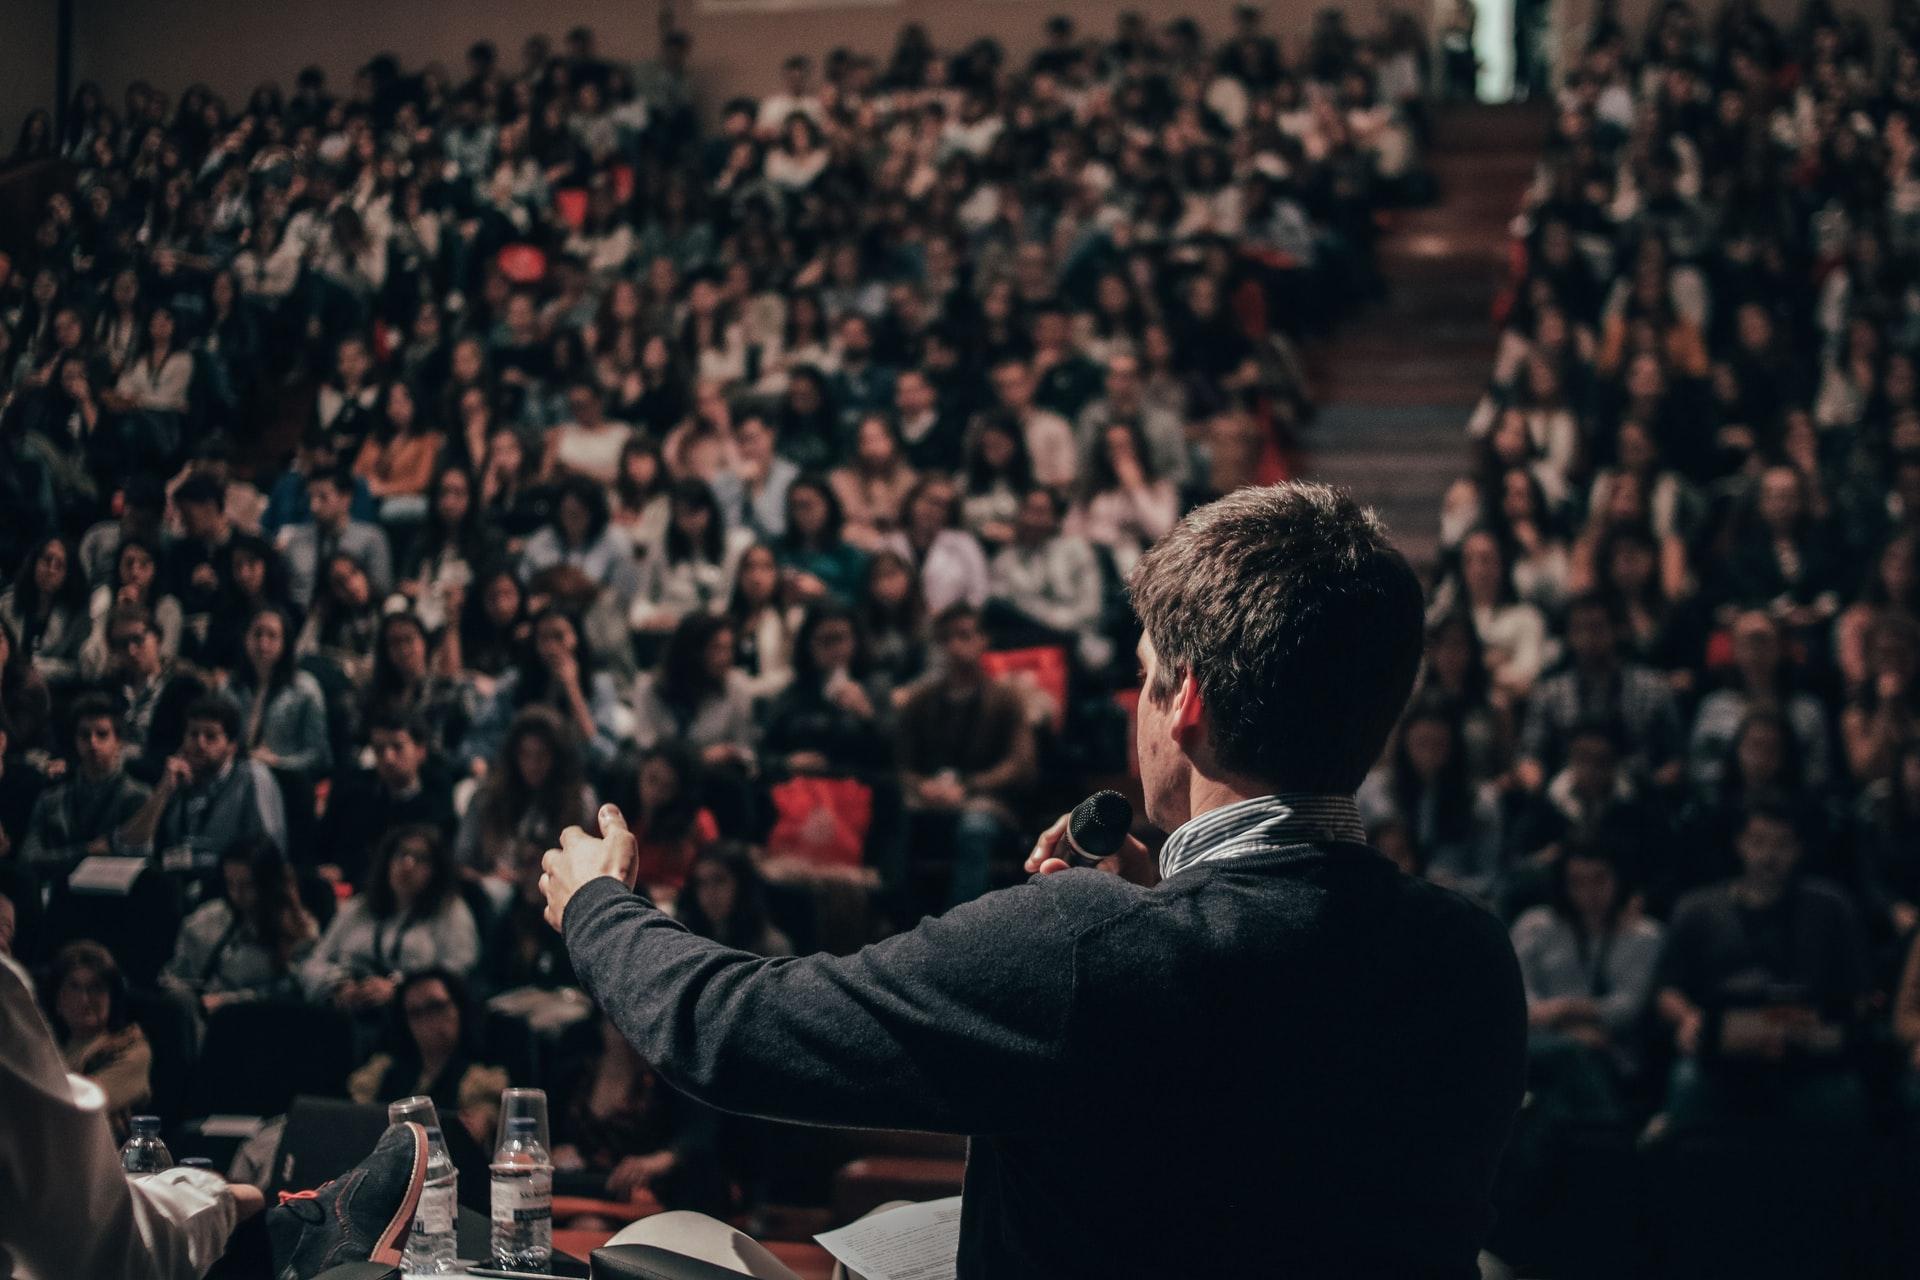 Ein Mann steht mit Mikrofon vor einem Publikum im Hörsaal und spricht mit anderen Personen auf der Bühne im Rahmen einer Podiumsdiskussion.